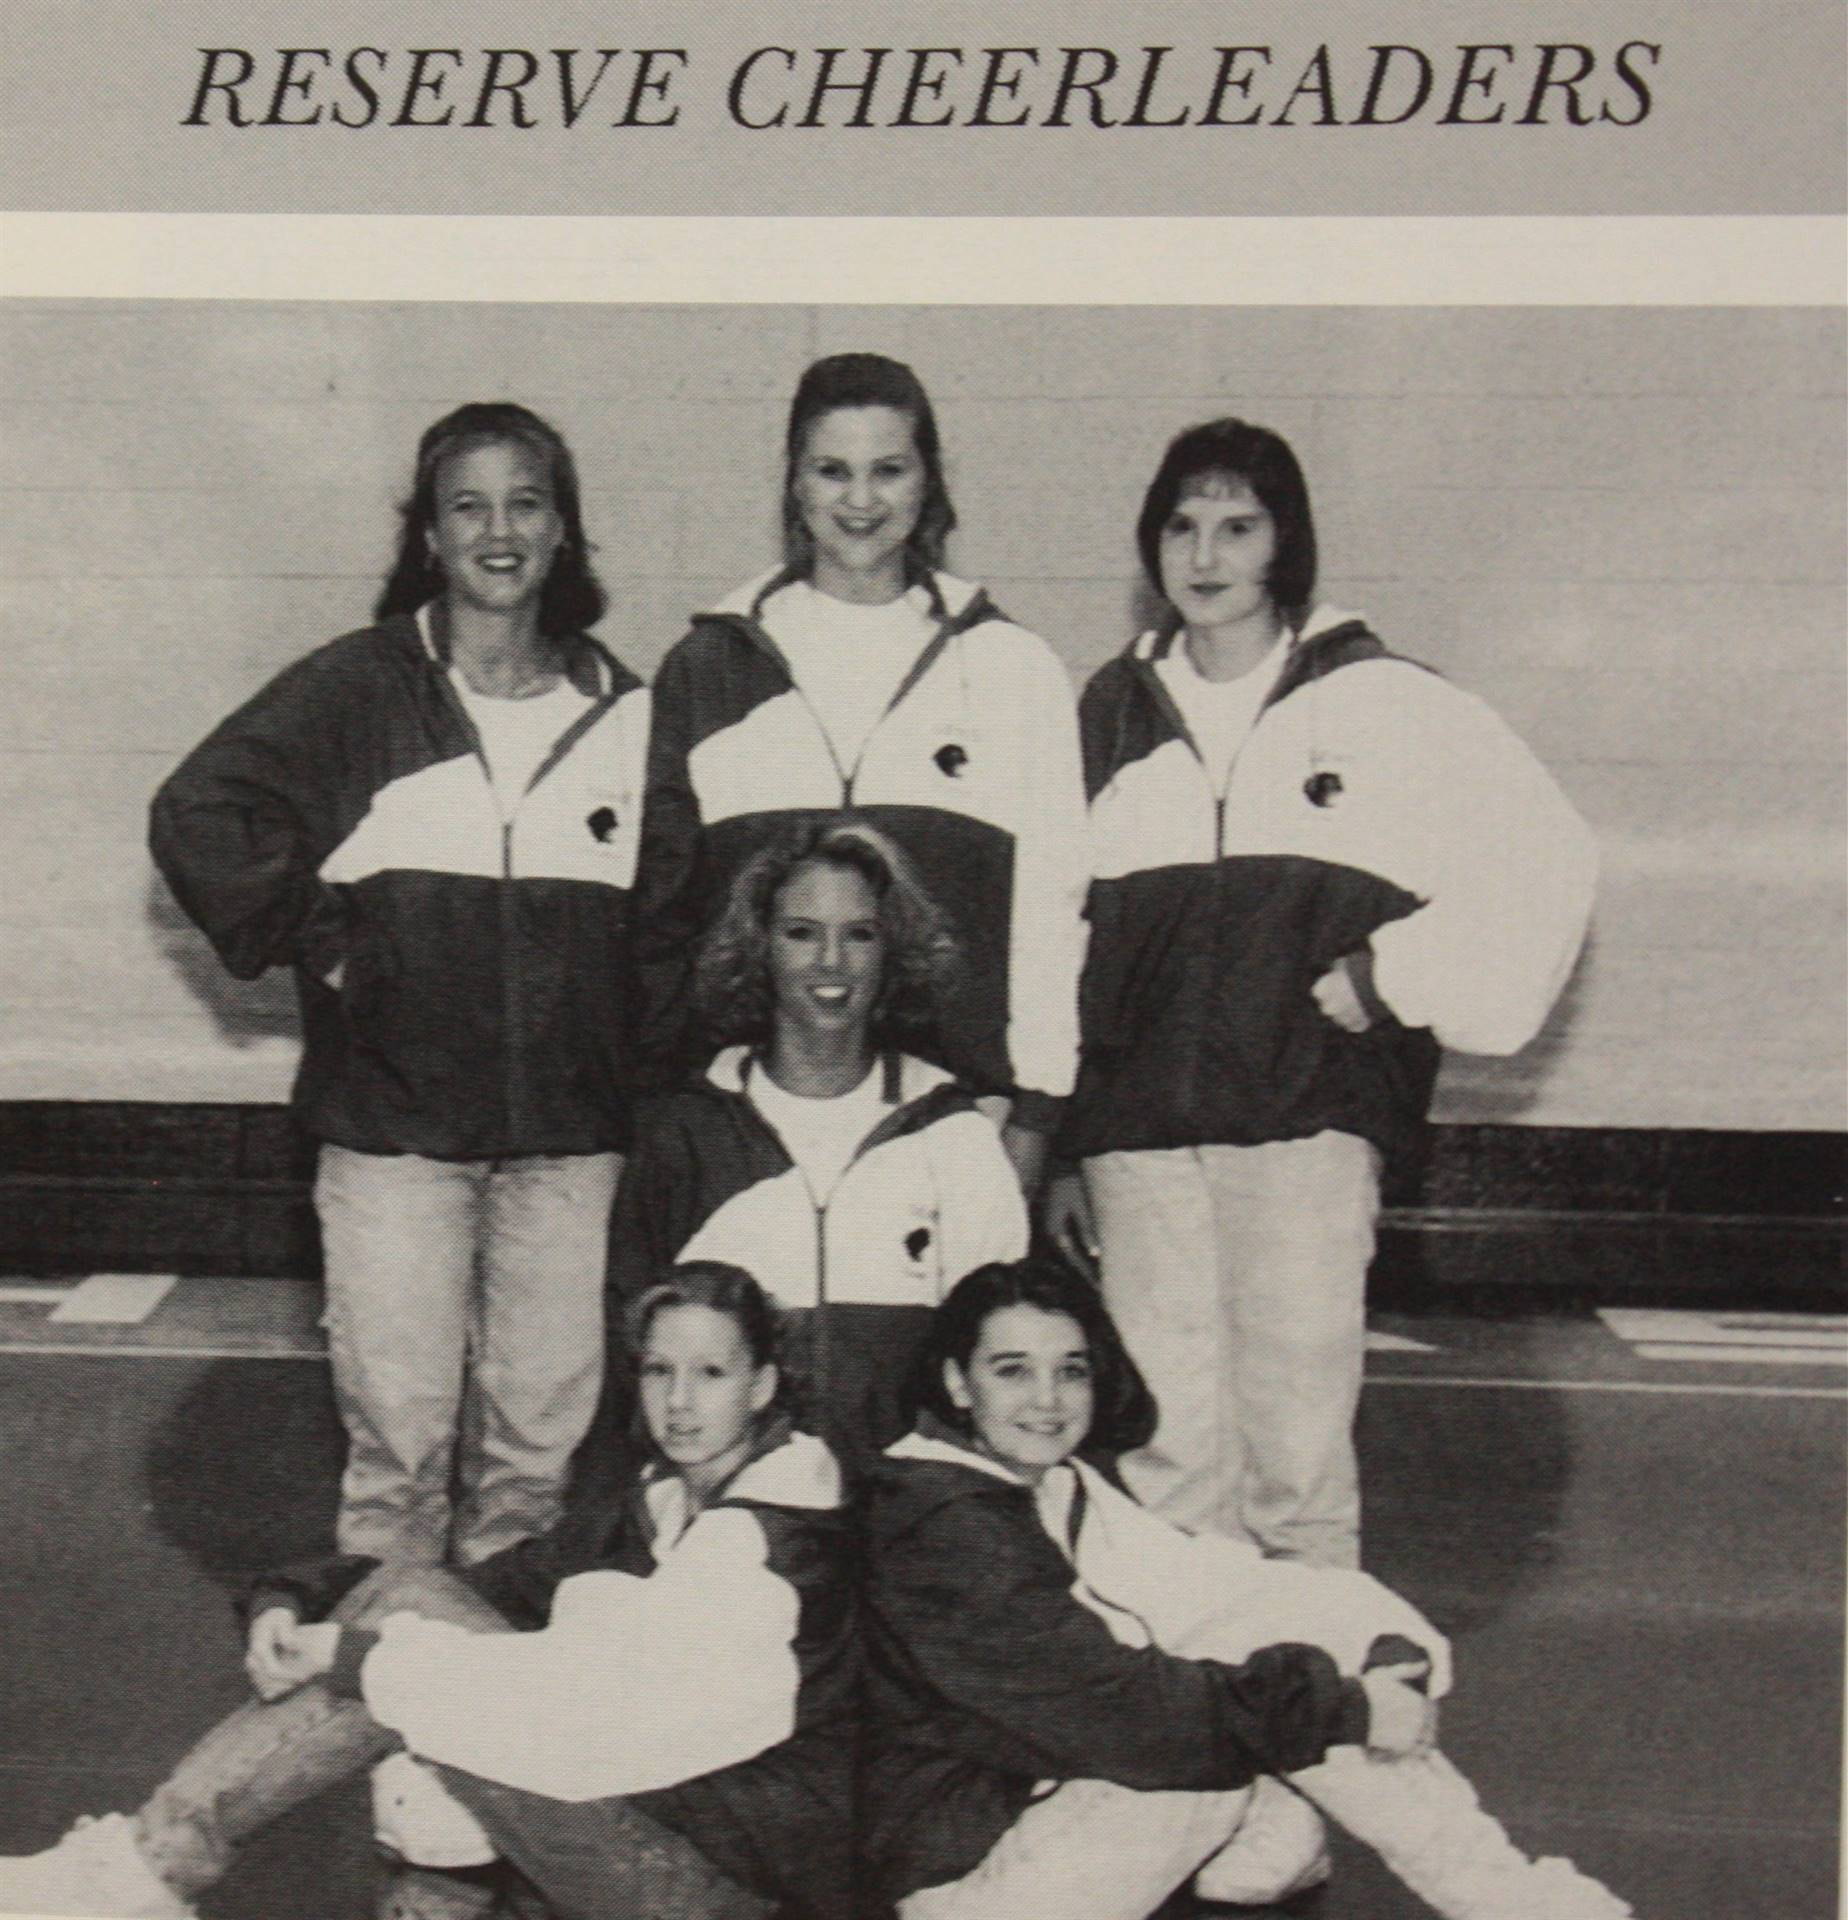 1995 Reserve Cheerleaders